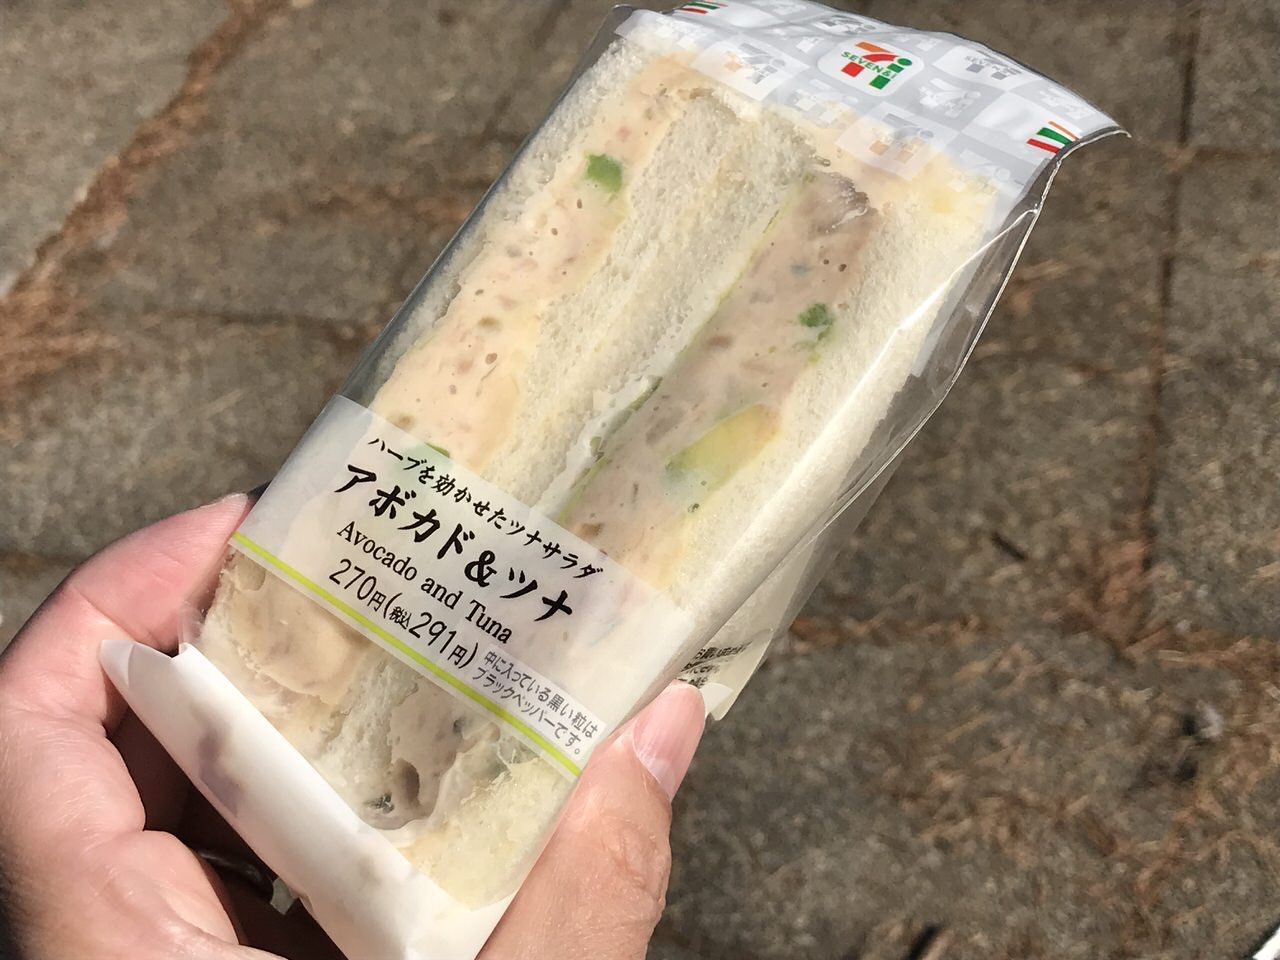 【セブンイレブン】アボカド好きはこういうの待ってた感ある「アボカド&ツナ」サンドイッチ